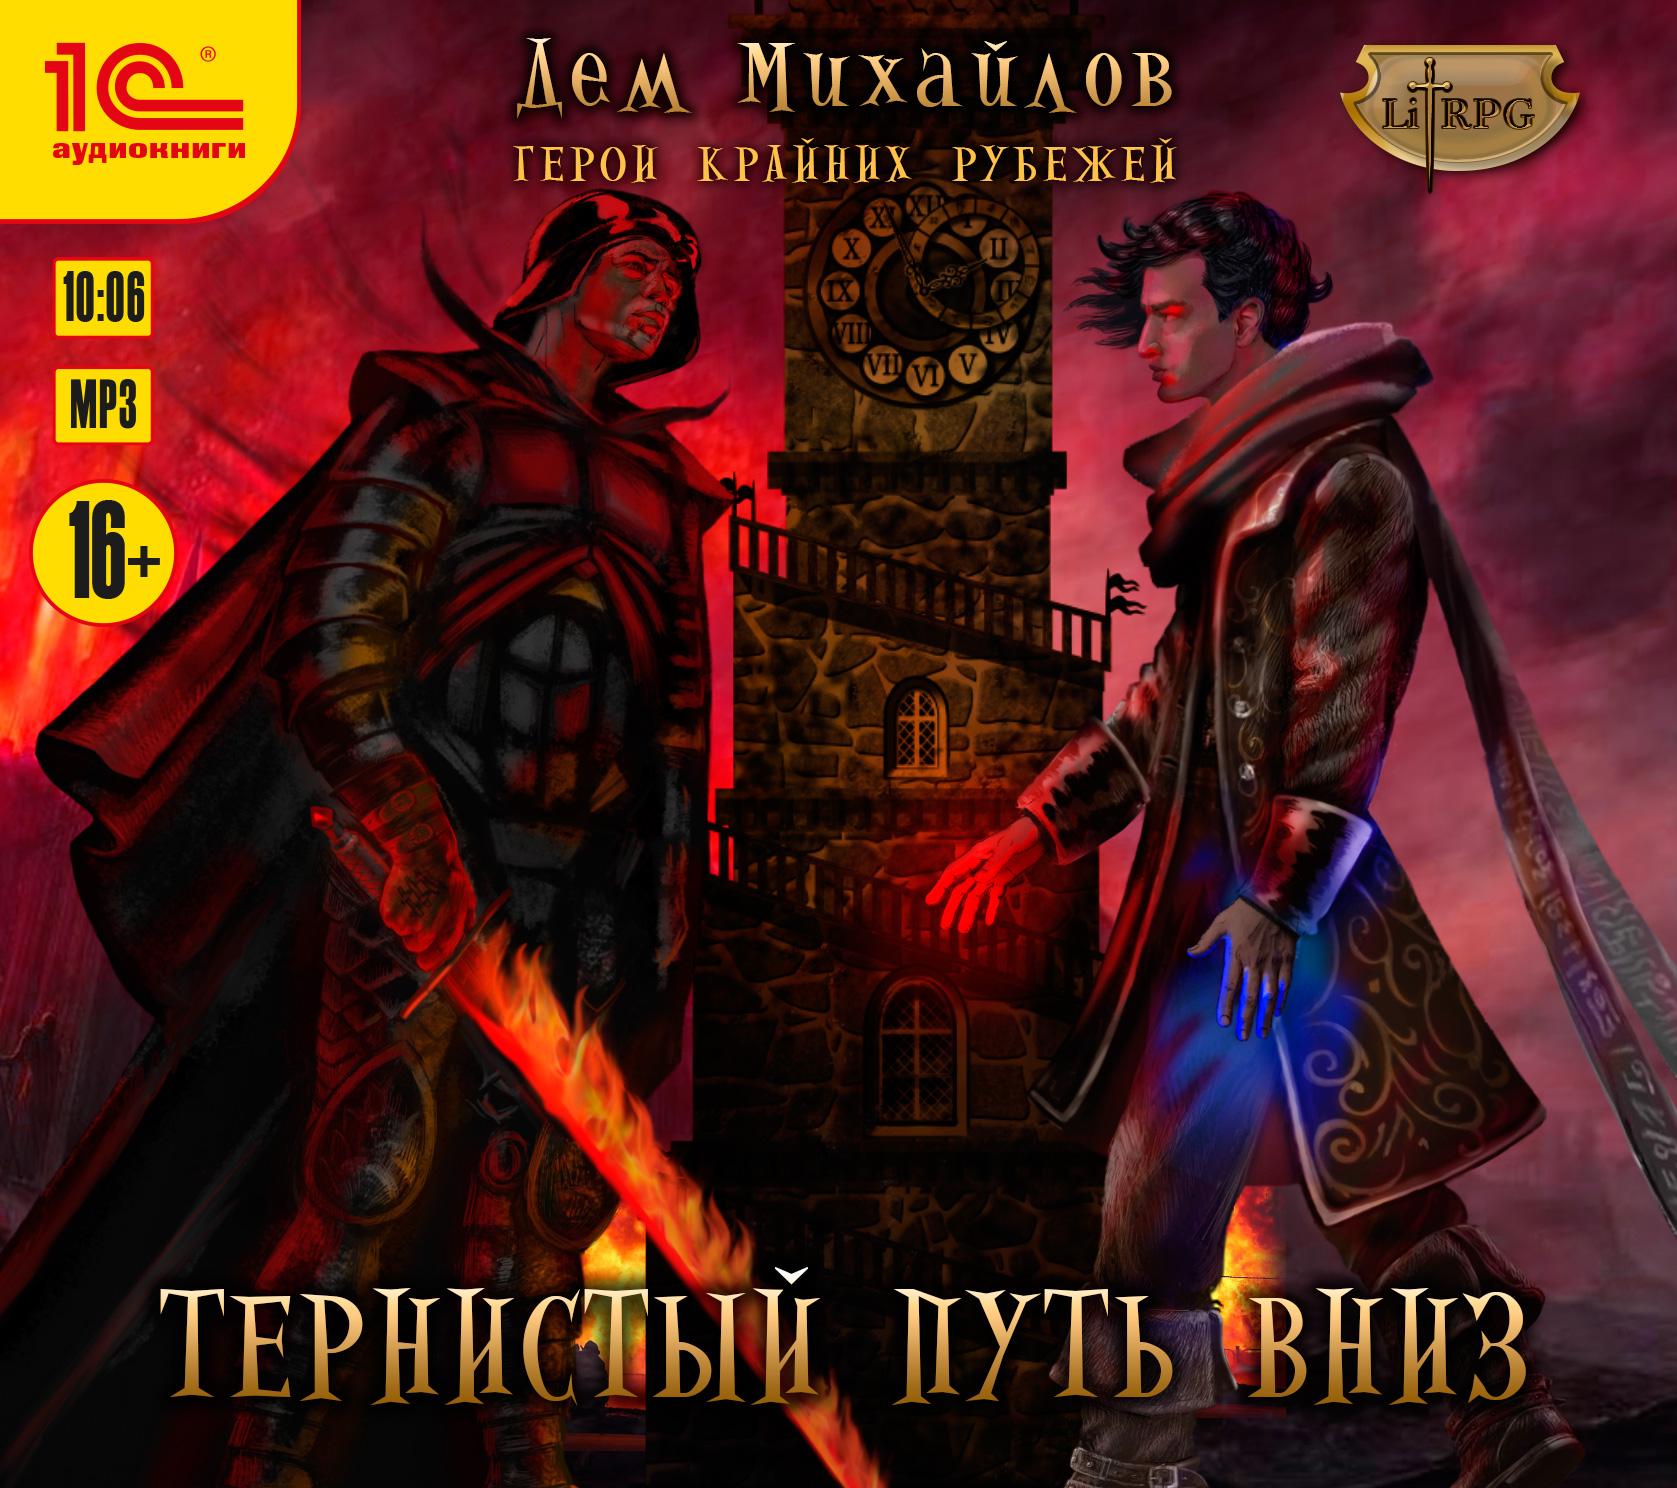 Дем Михайлов Тернистый путь вниз дем михайлов темнотропье